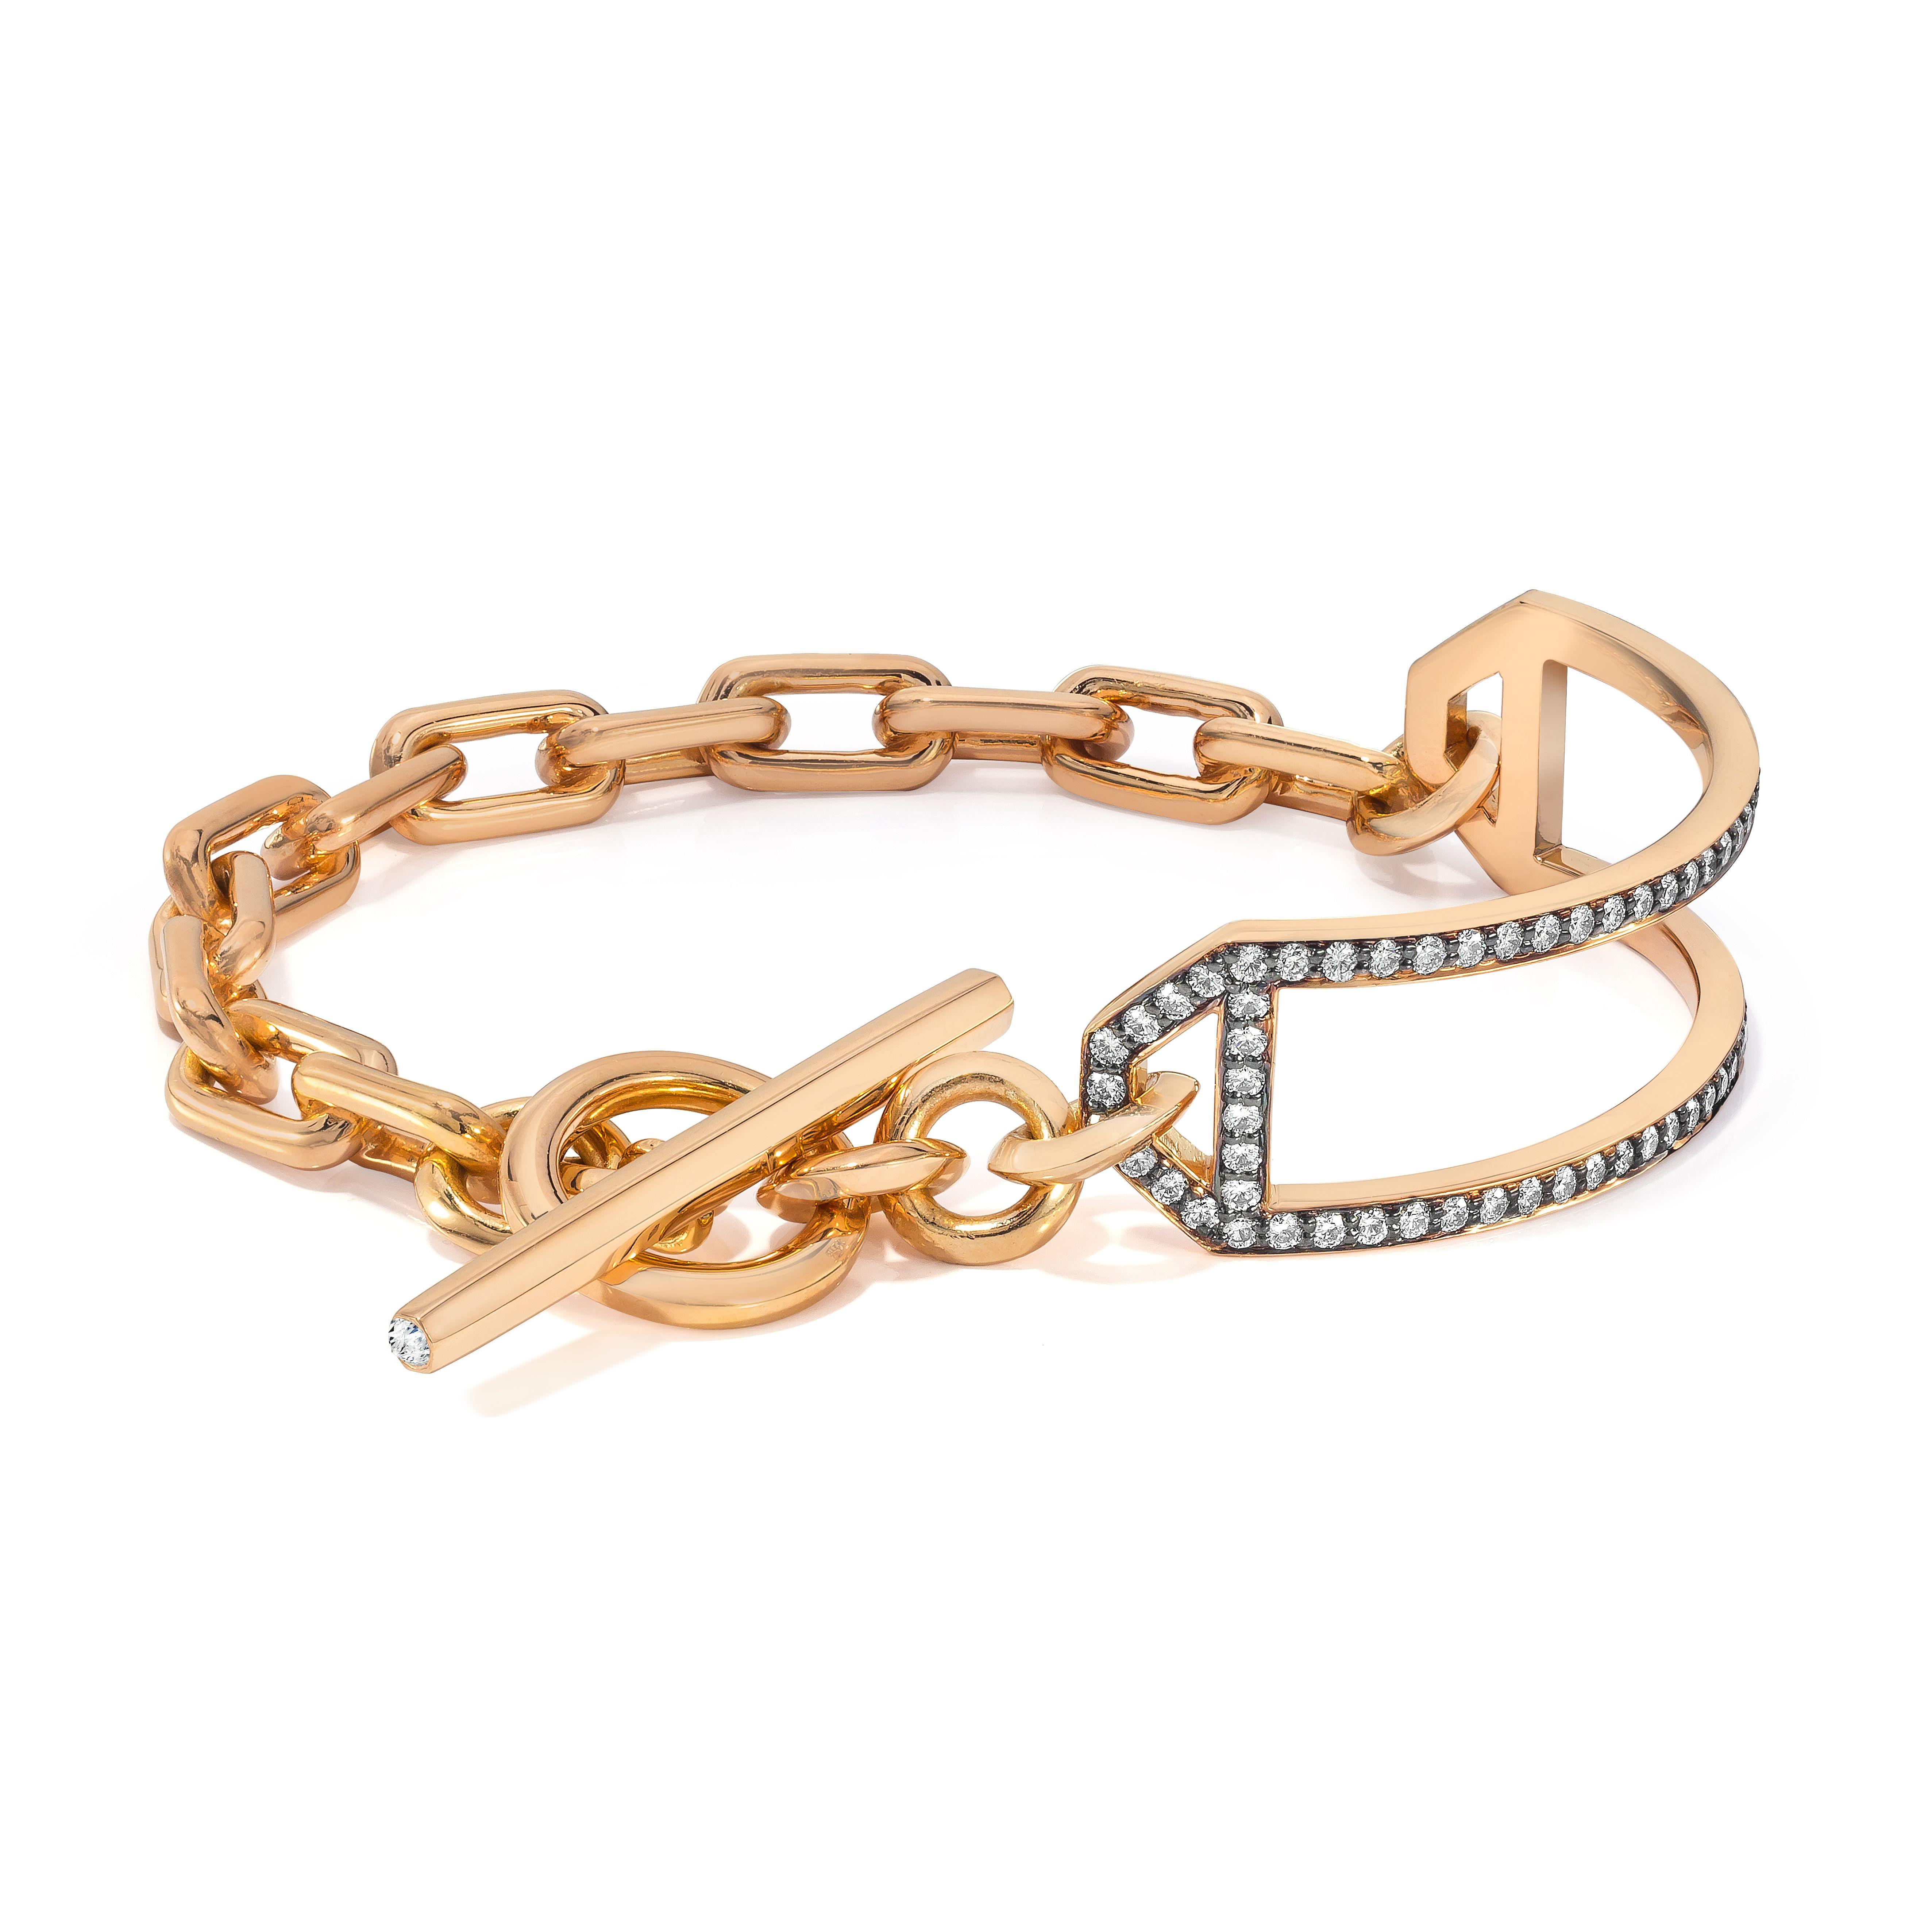 Walters Faith Carrington All Diamond Id Bar With Double Row Chain Bracelet 3s9Kiap